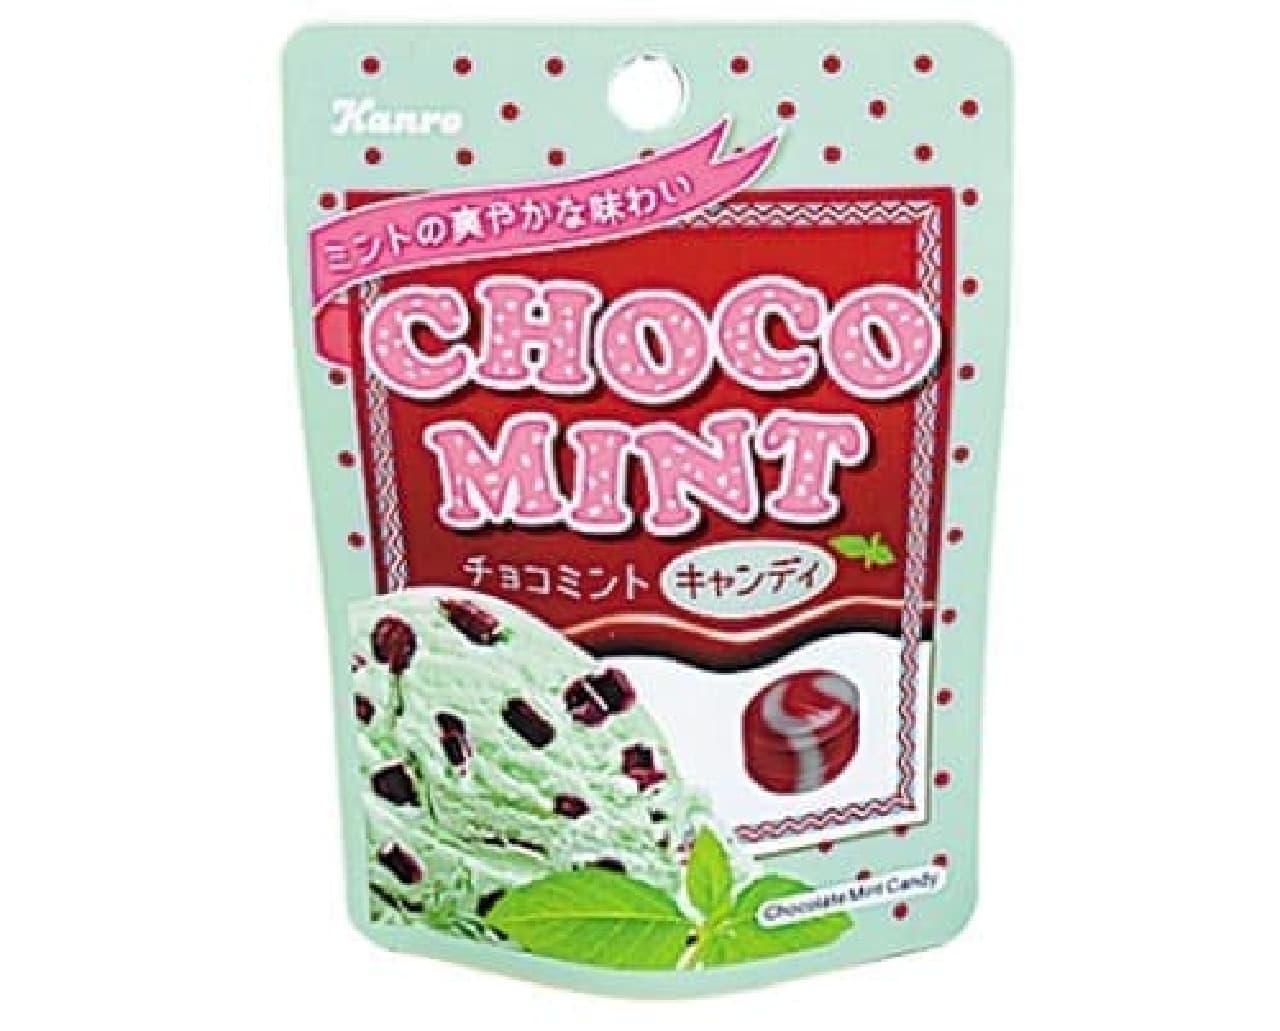 カンロ チョコミントキャンディ